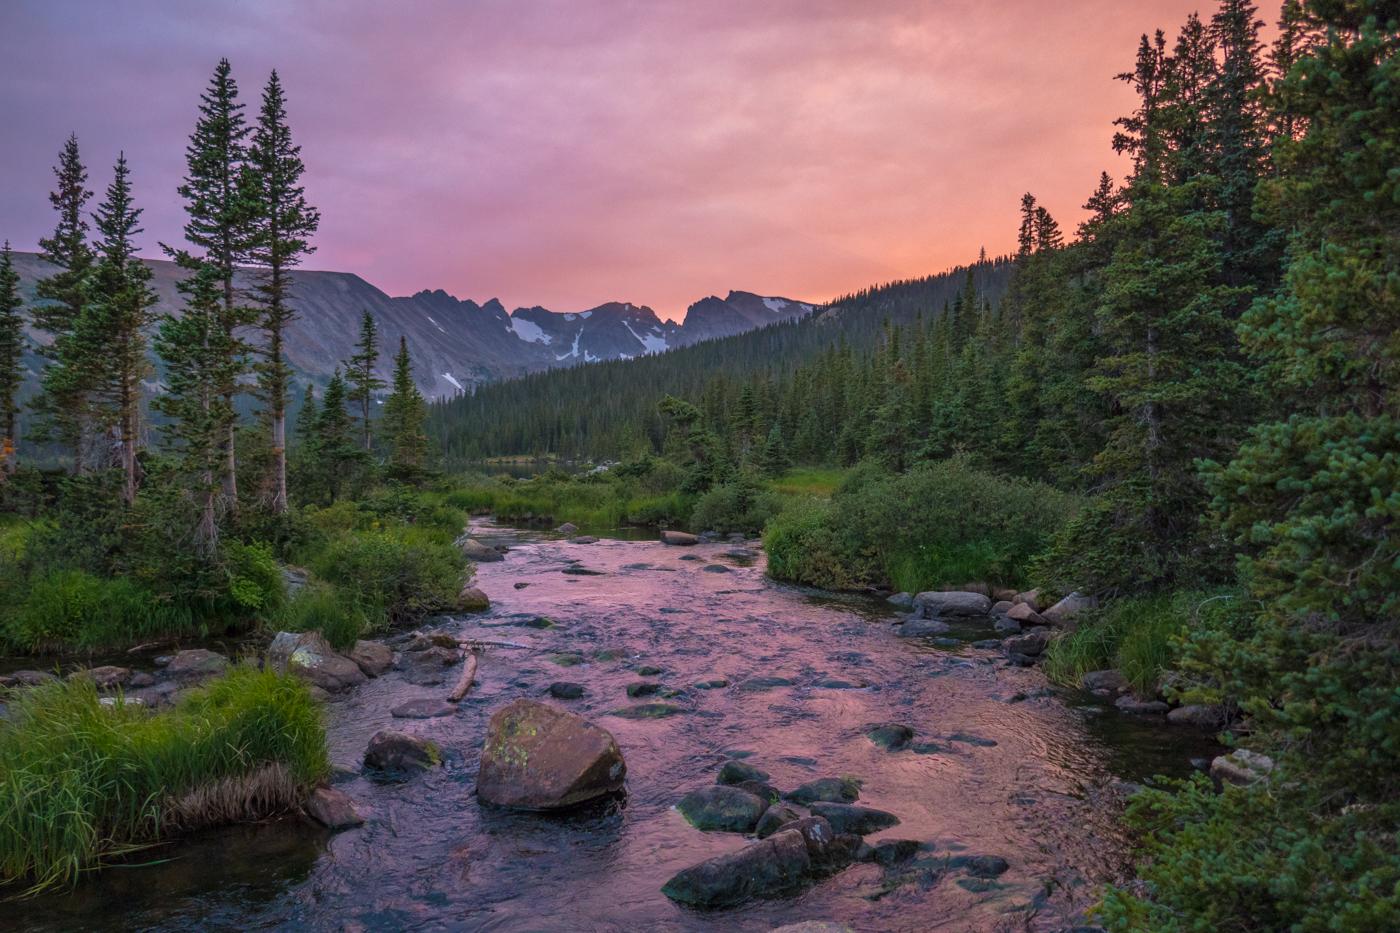 Fasting Beautiful Colorado Pink Sky Smoke Sunsset